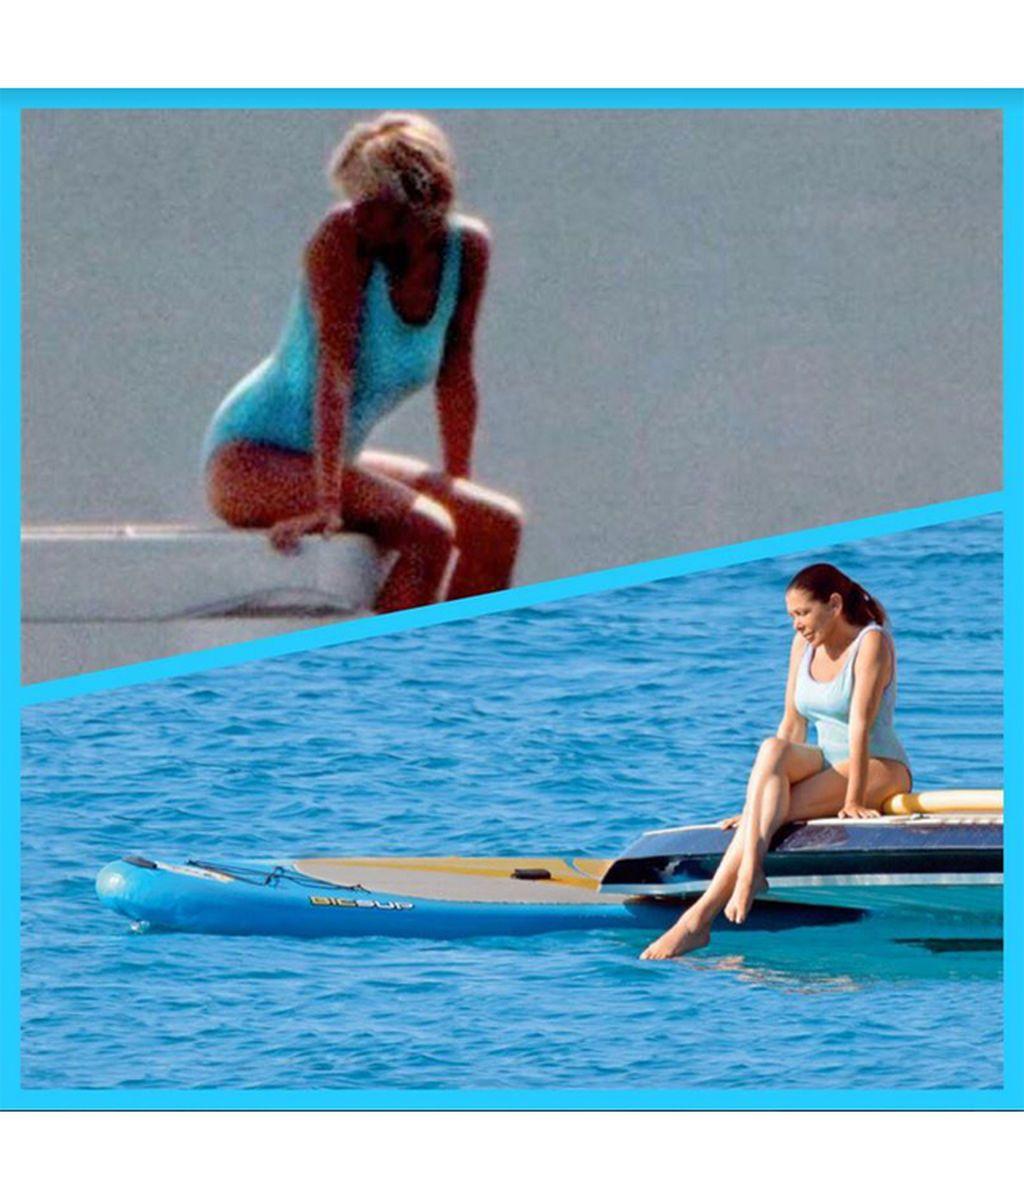 Bañador azul, mirada meláncolica y sobre el mar: Isabel Pantoja y Lady Di, 20 años y dos posados